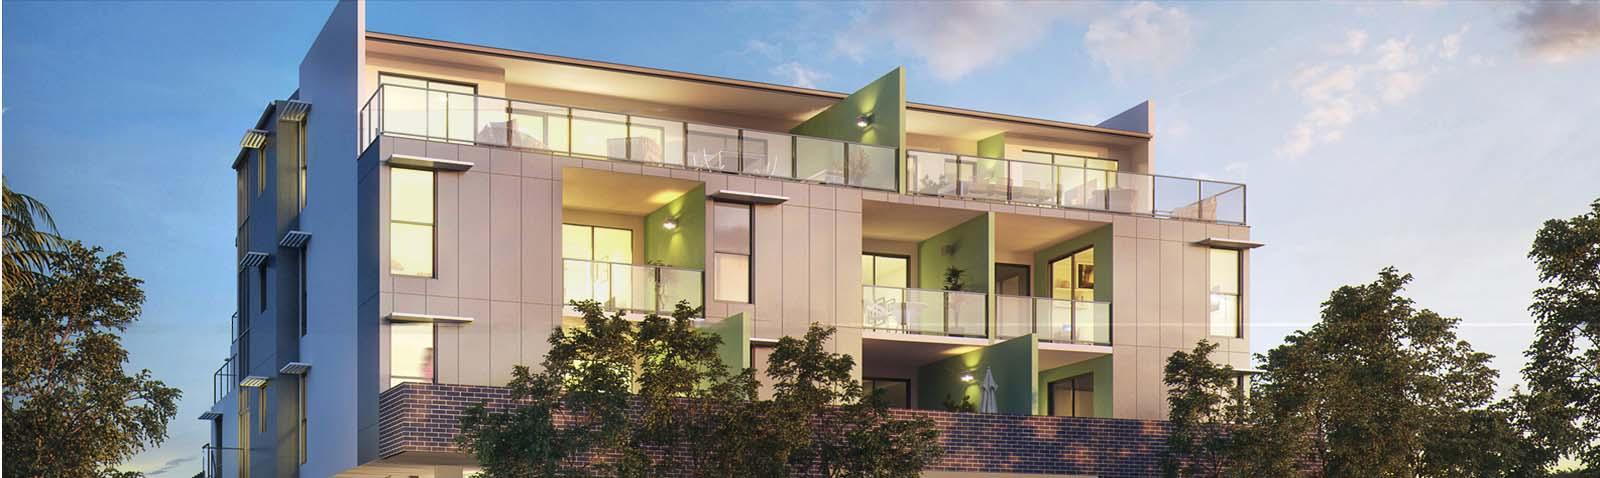 real-estate-sydney-sfi